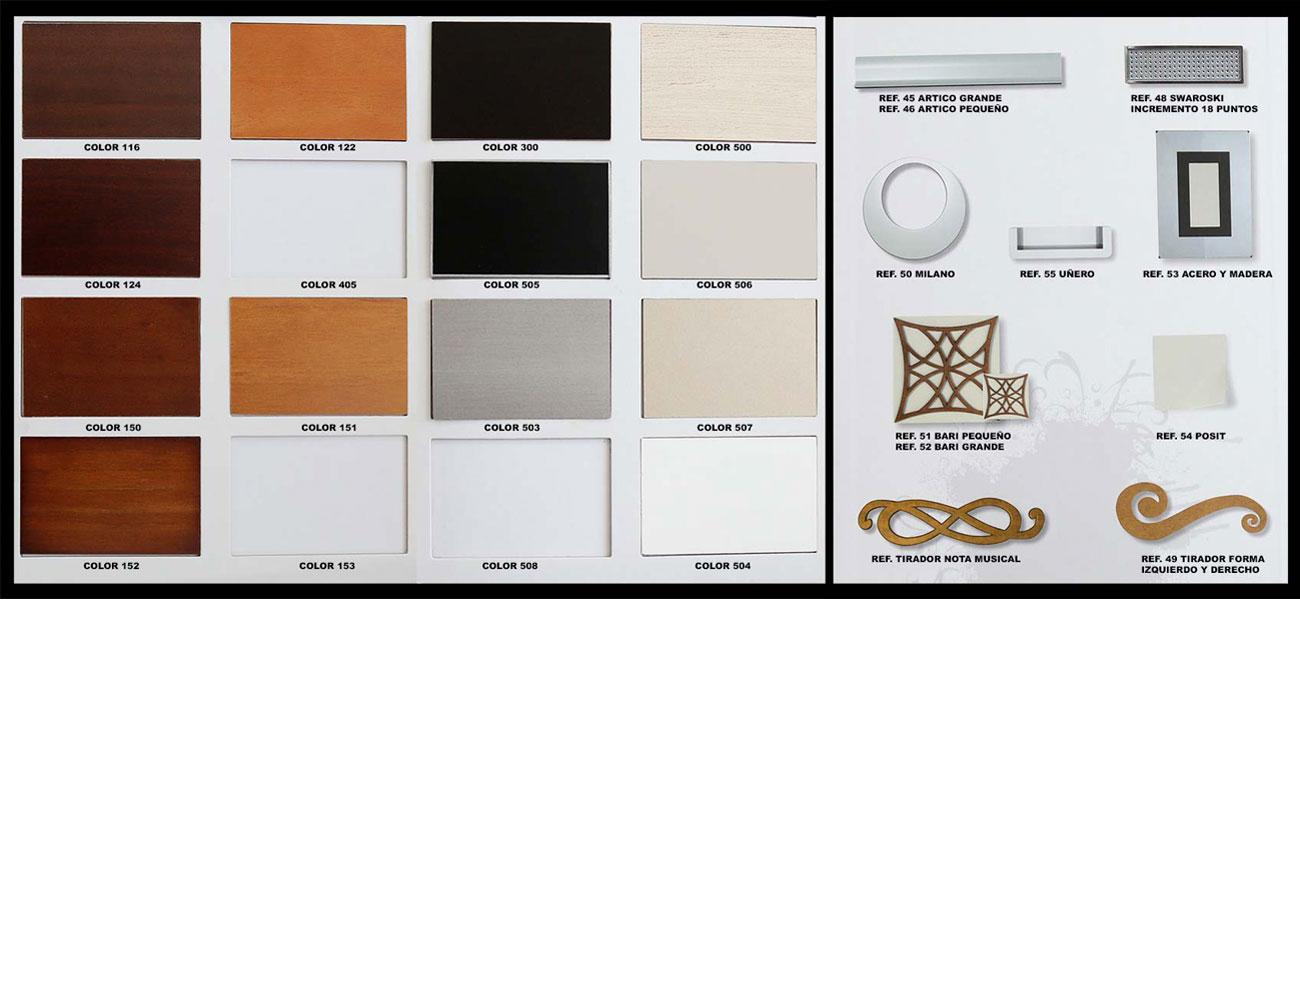 Colores tiradores10